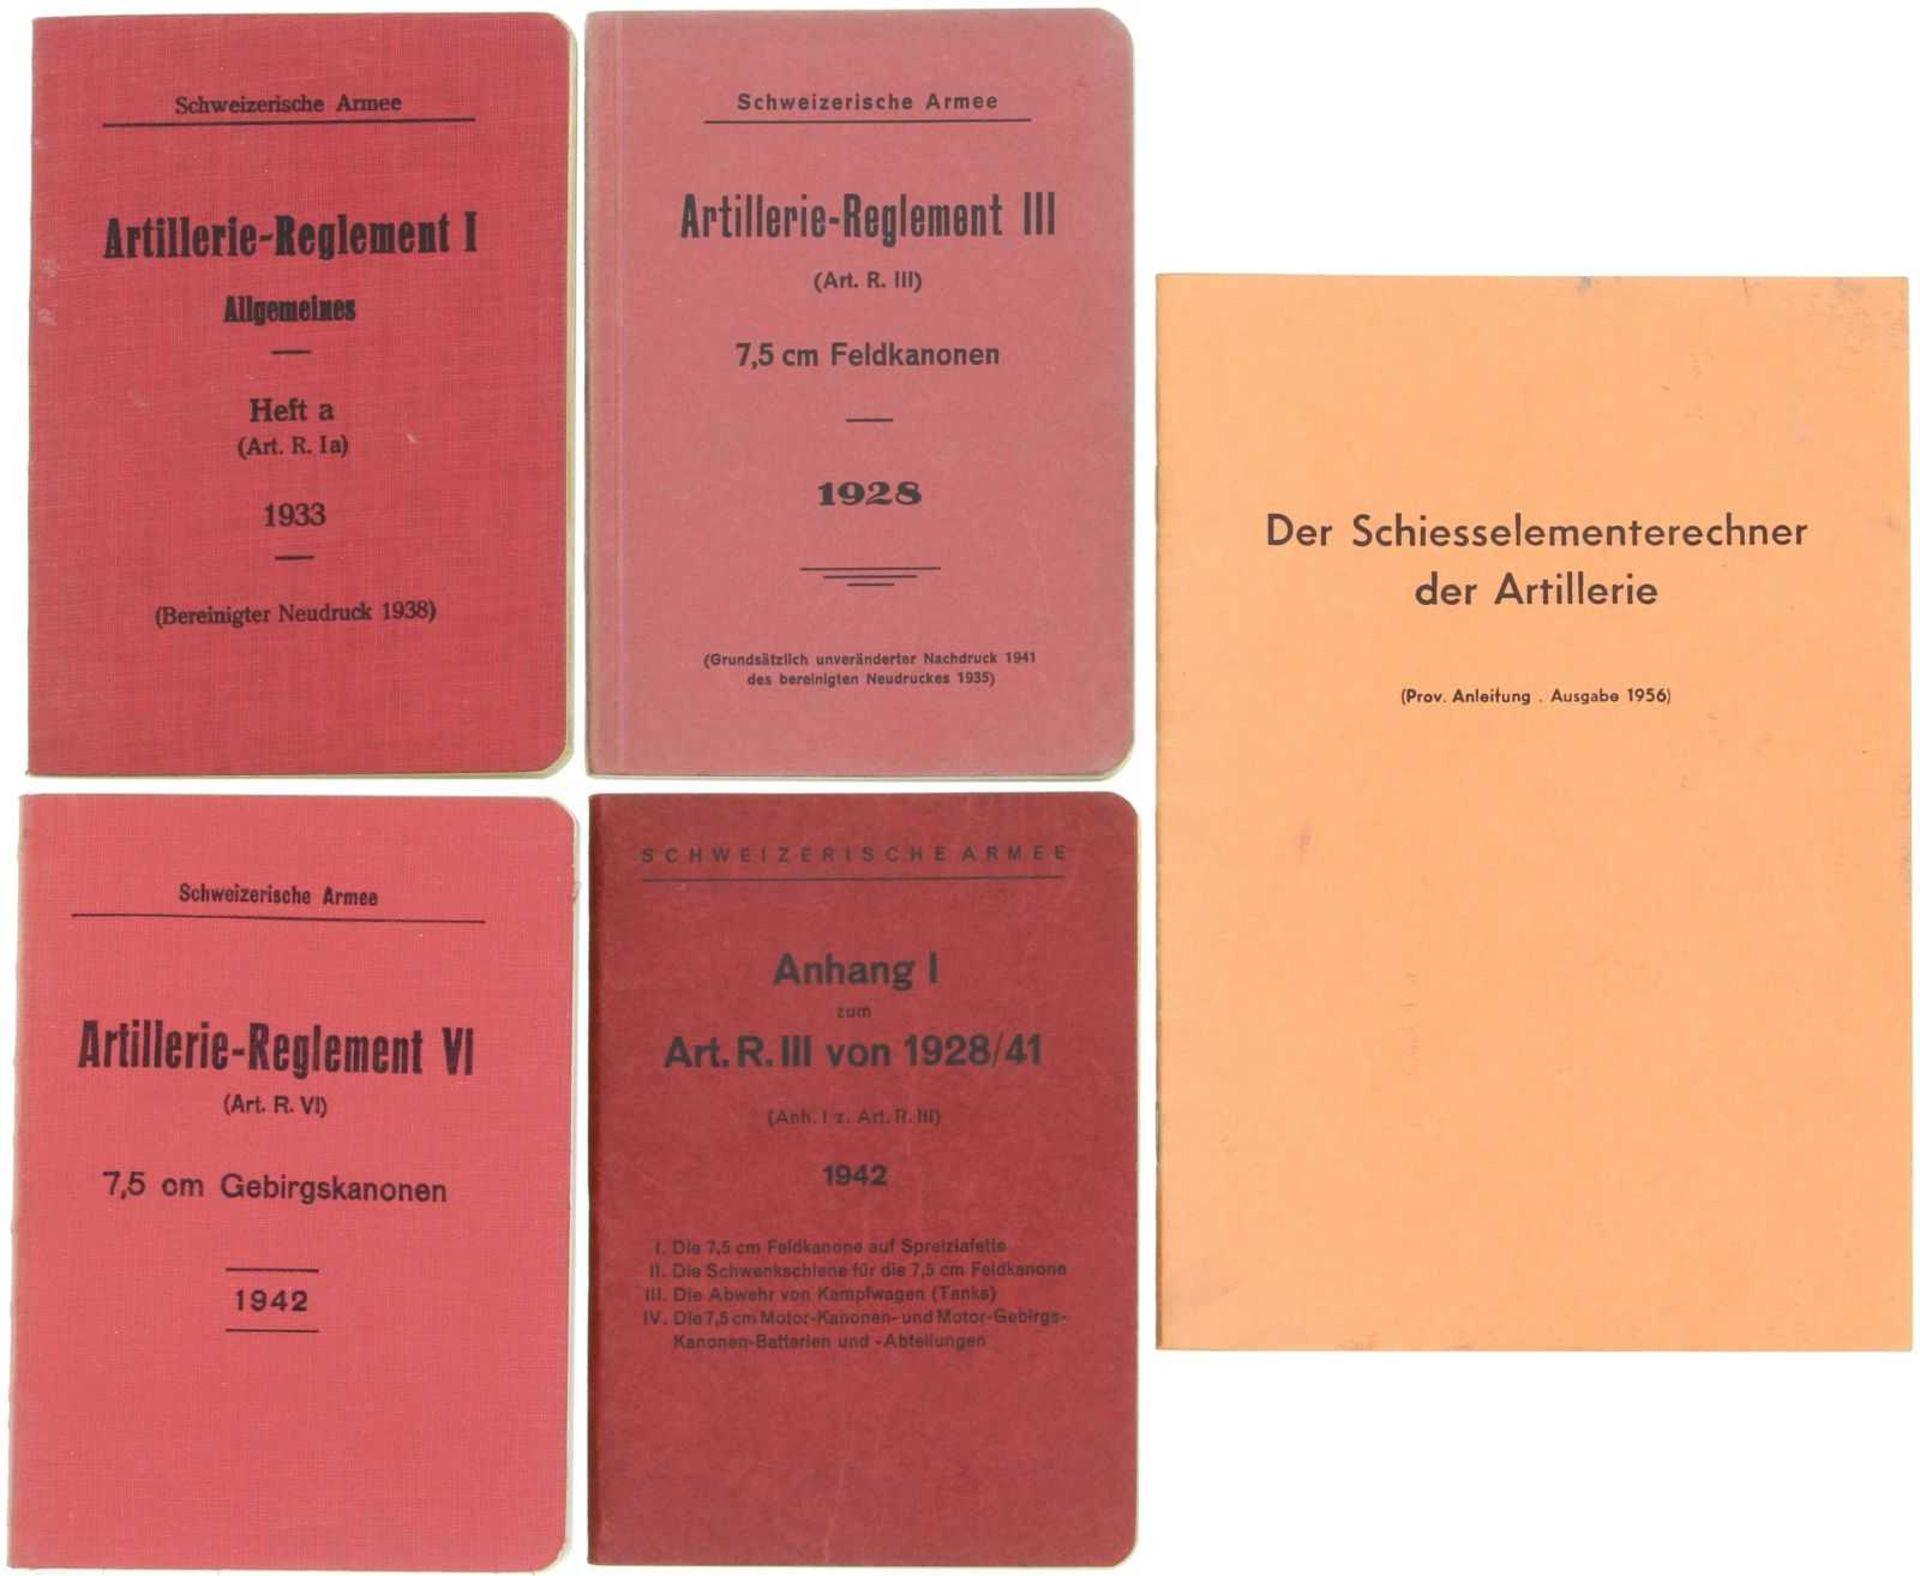 Konvolut von 5 Artillerie-Reglementen 1. Artillerie-Reglement I 1933. 2. Artillerie-Reglement III,